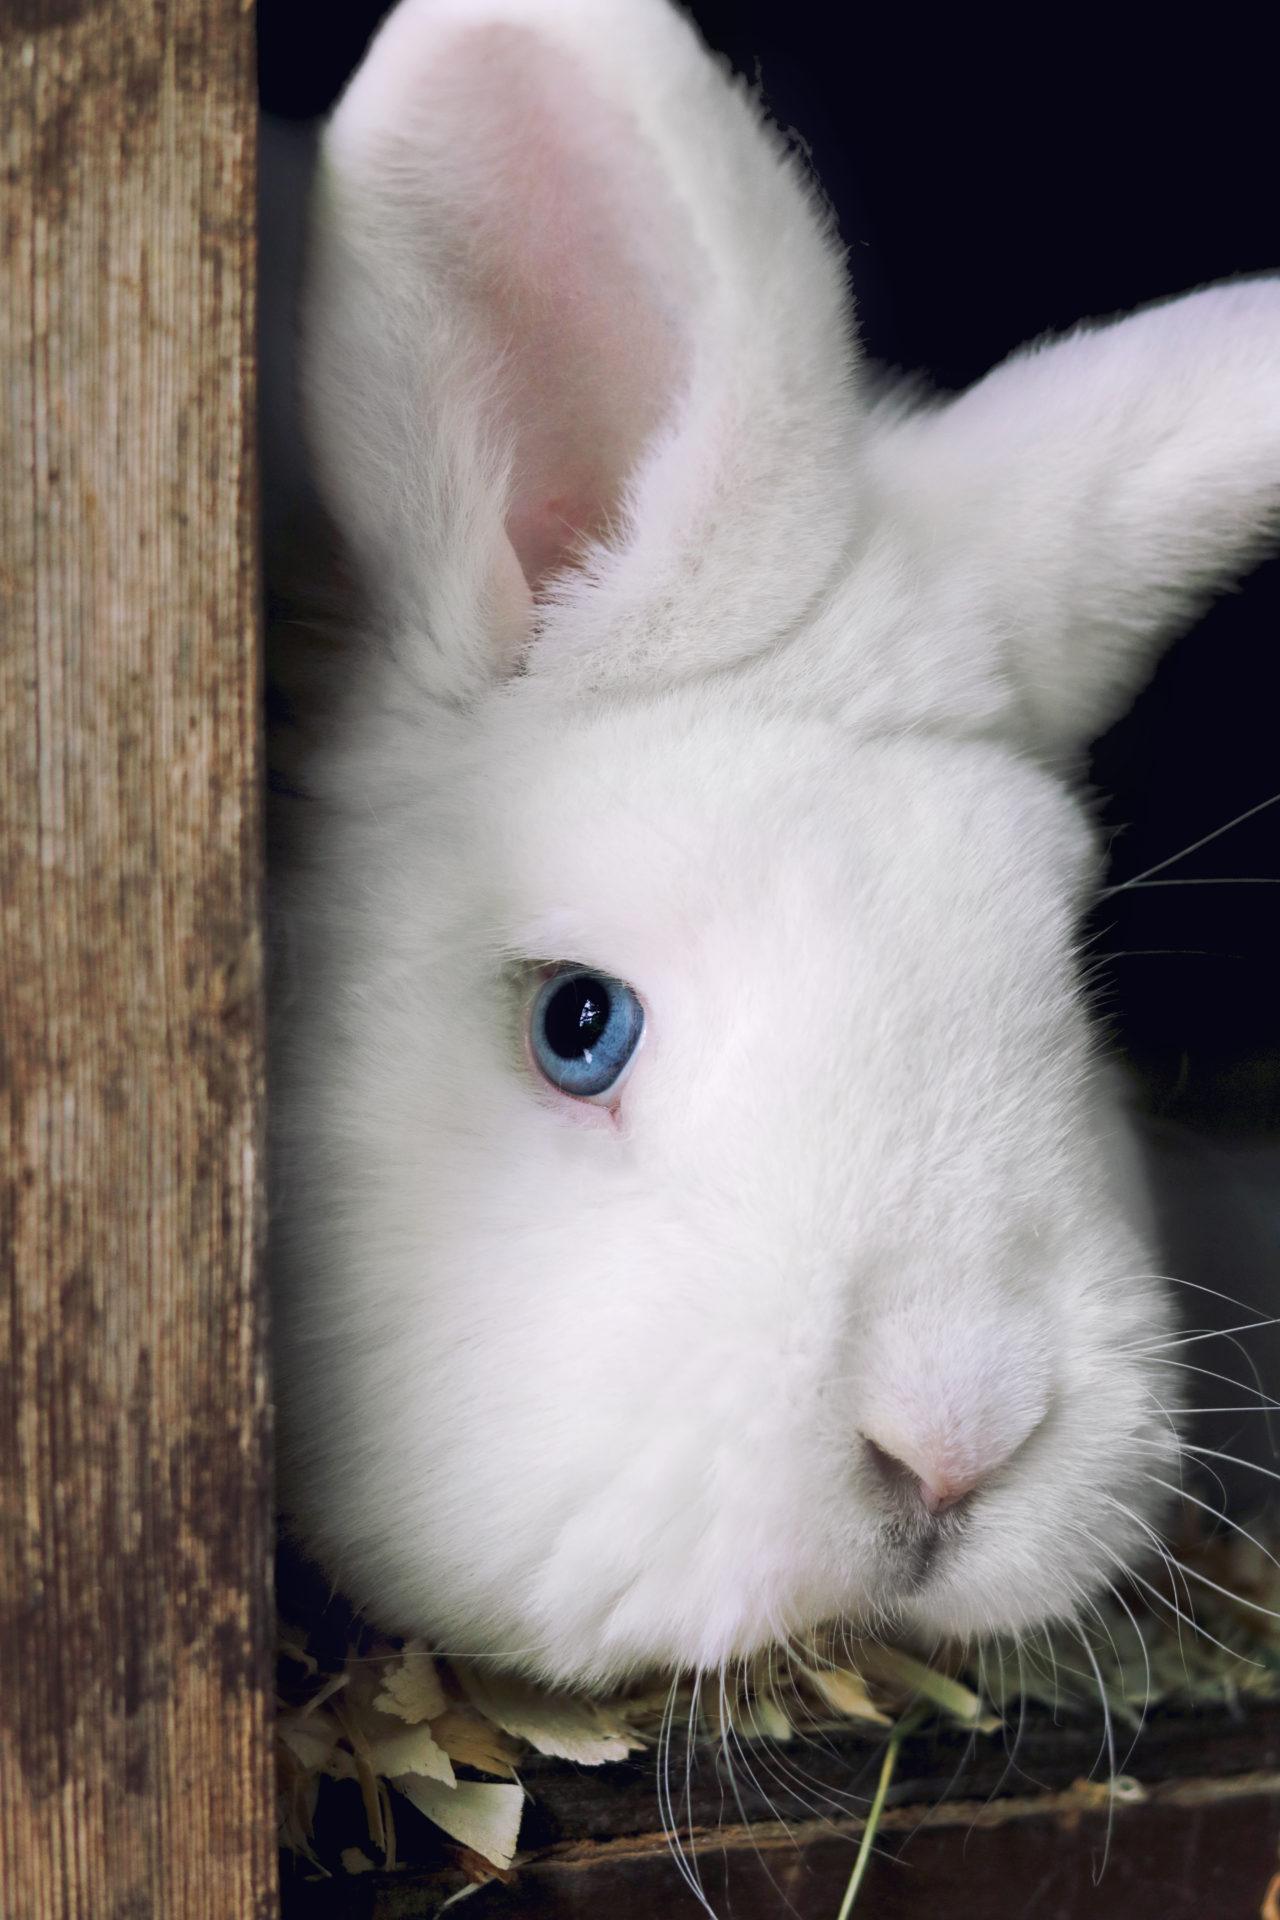 Kaninchen weiß - kostenlose Bilder download | titania foto